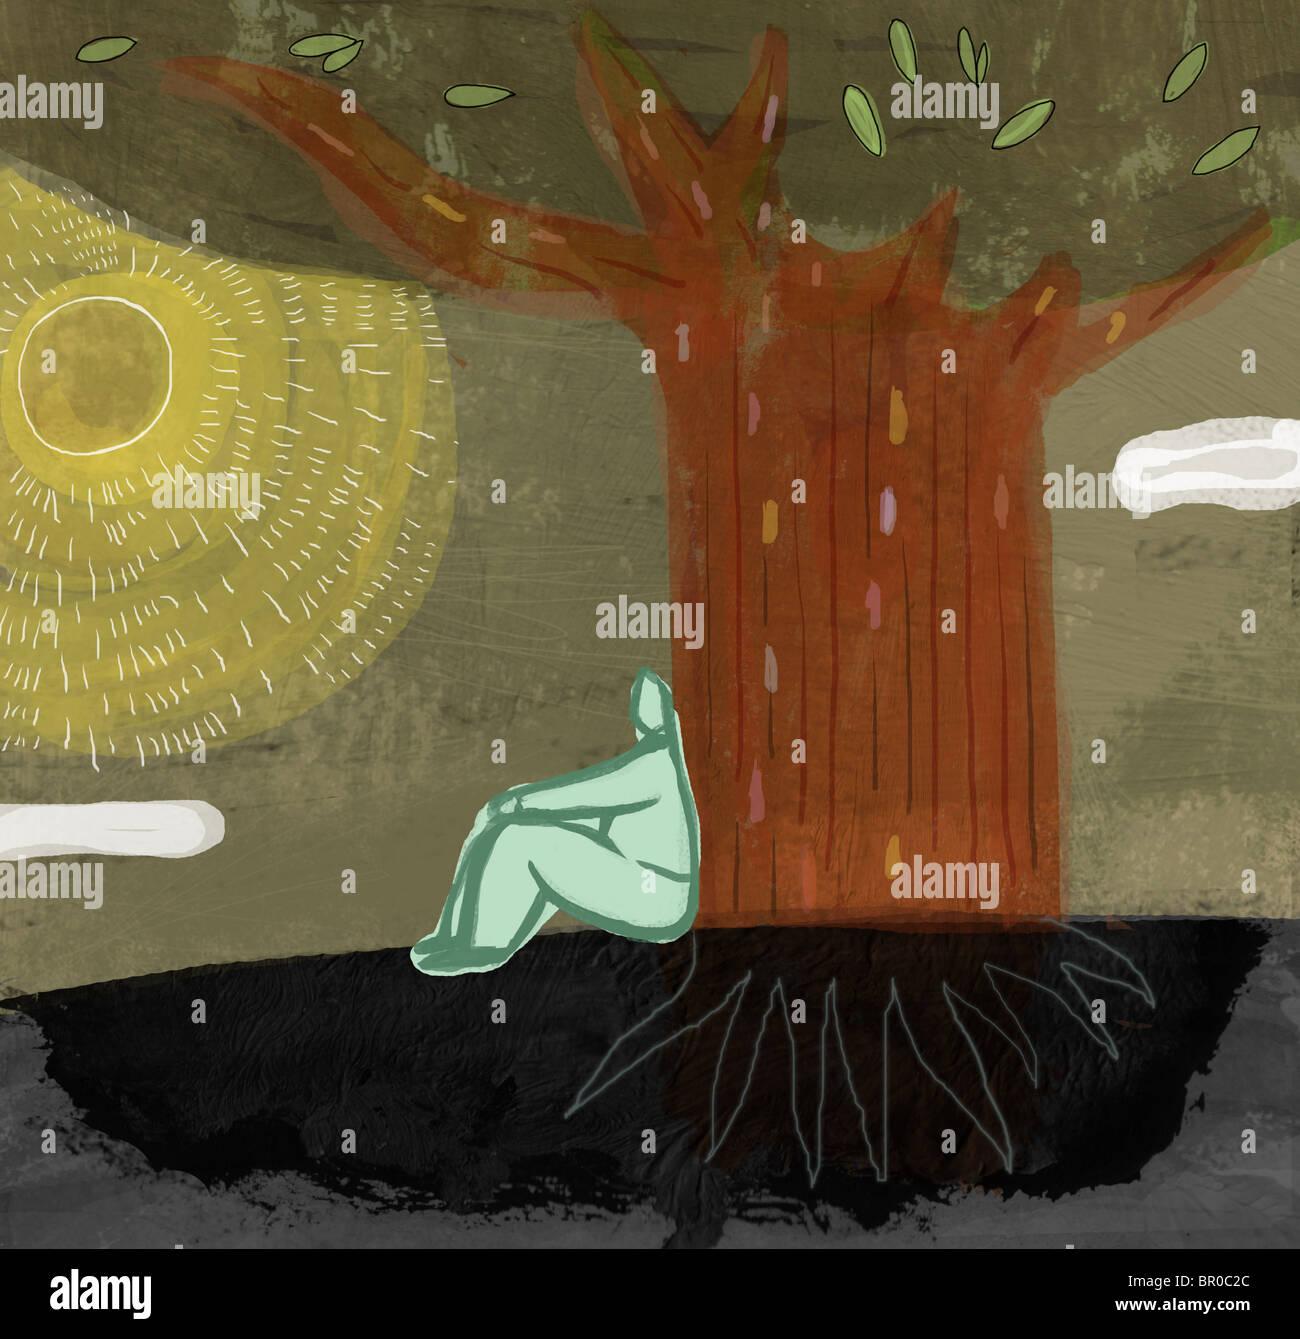 Una ilustración de un hombre sentado debajo de un árbol grande Imagen De Stock